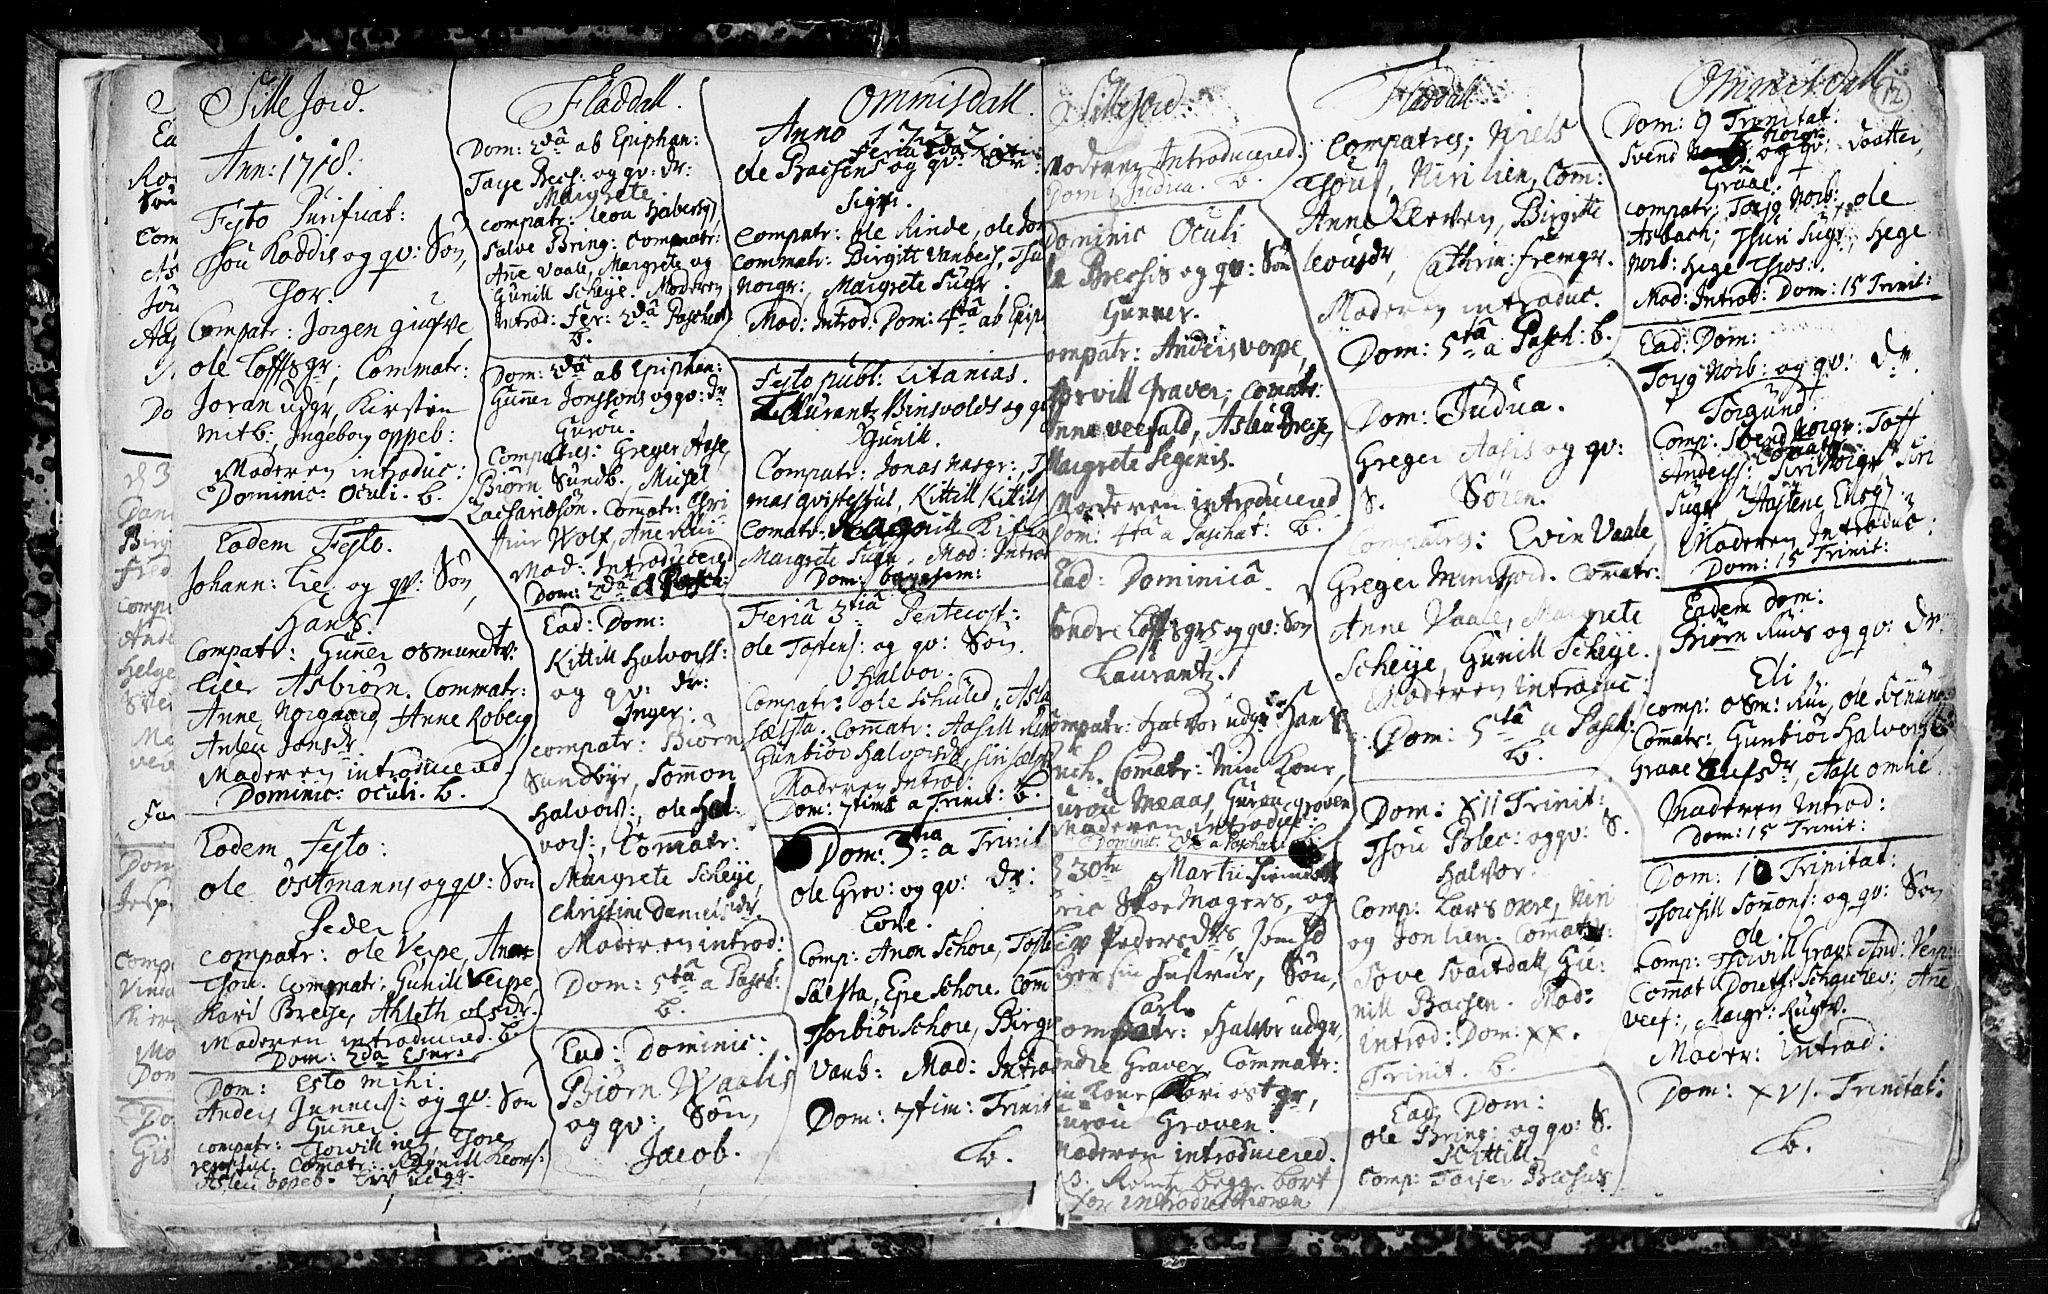 SAKO, Seljord kirkebøker, F/Fa/L0003: Ministerialbok nr. I 3, 1714-1725, s. 12